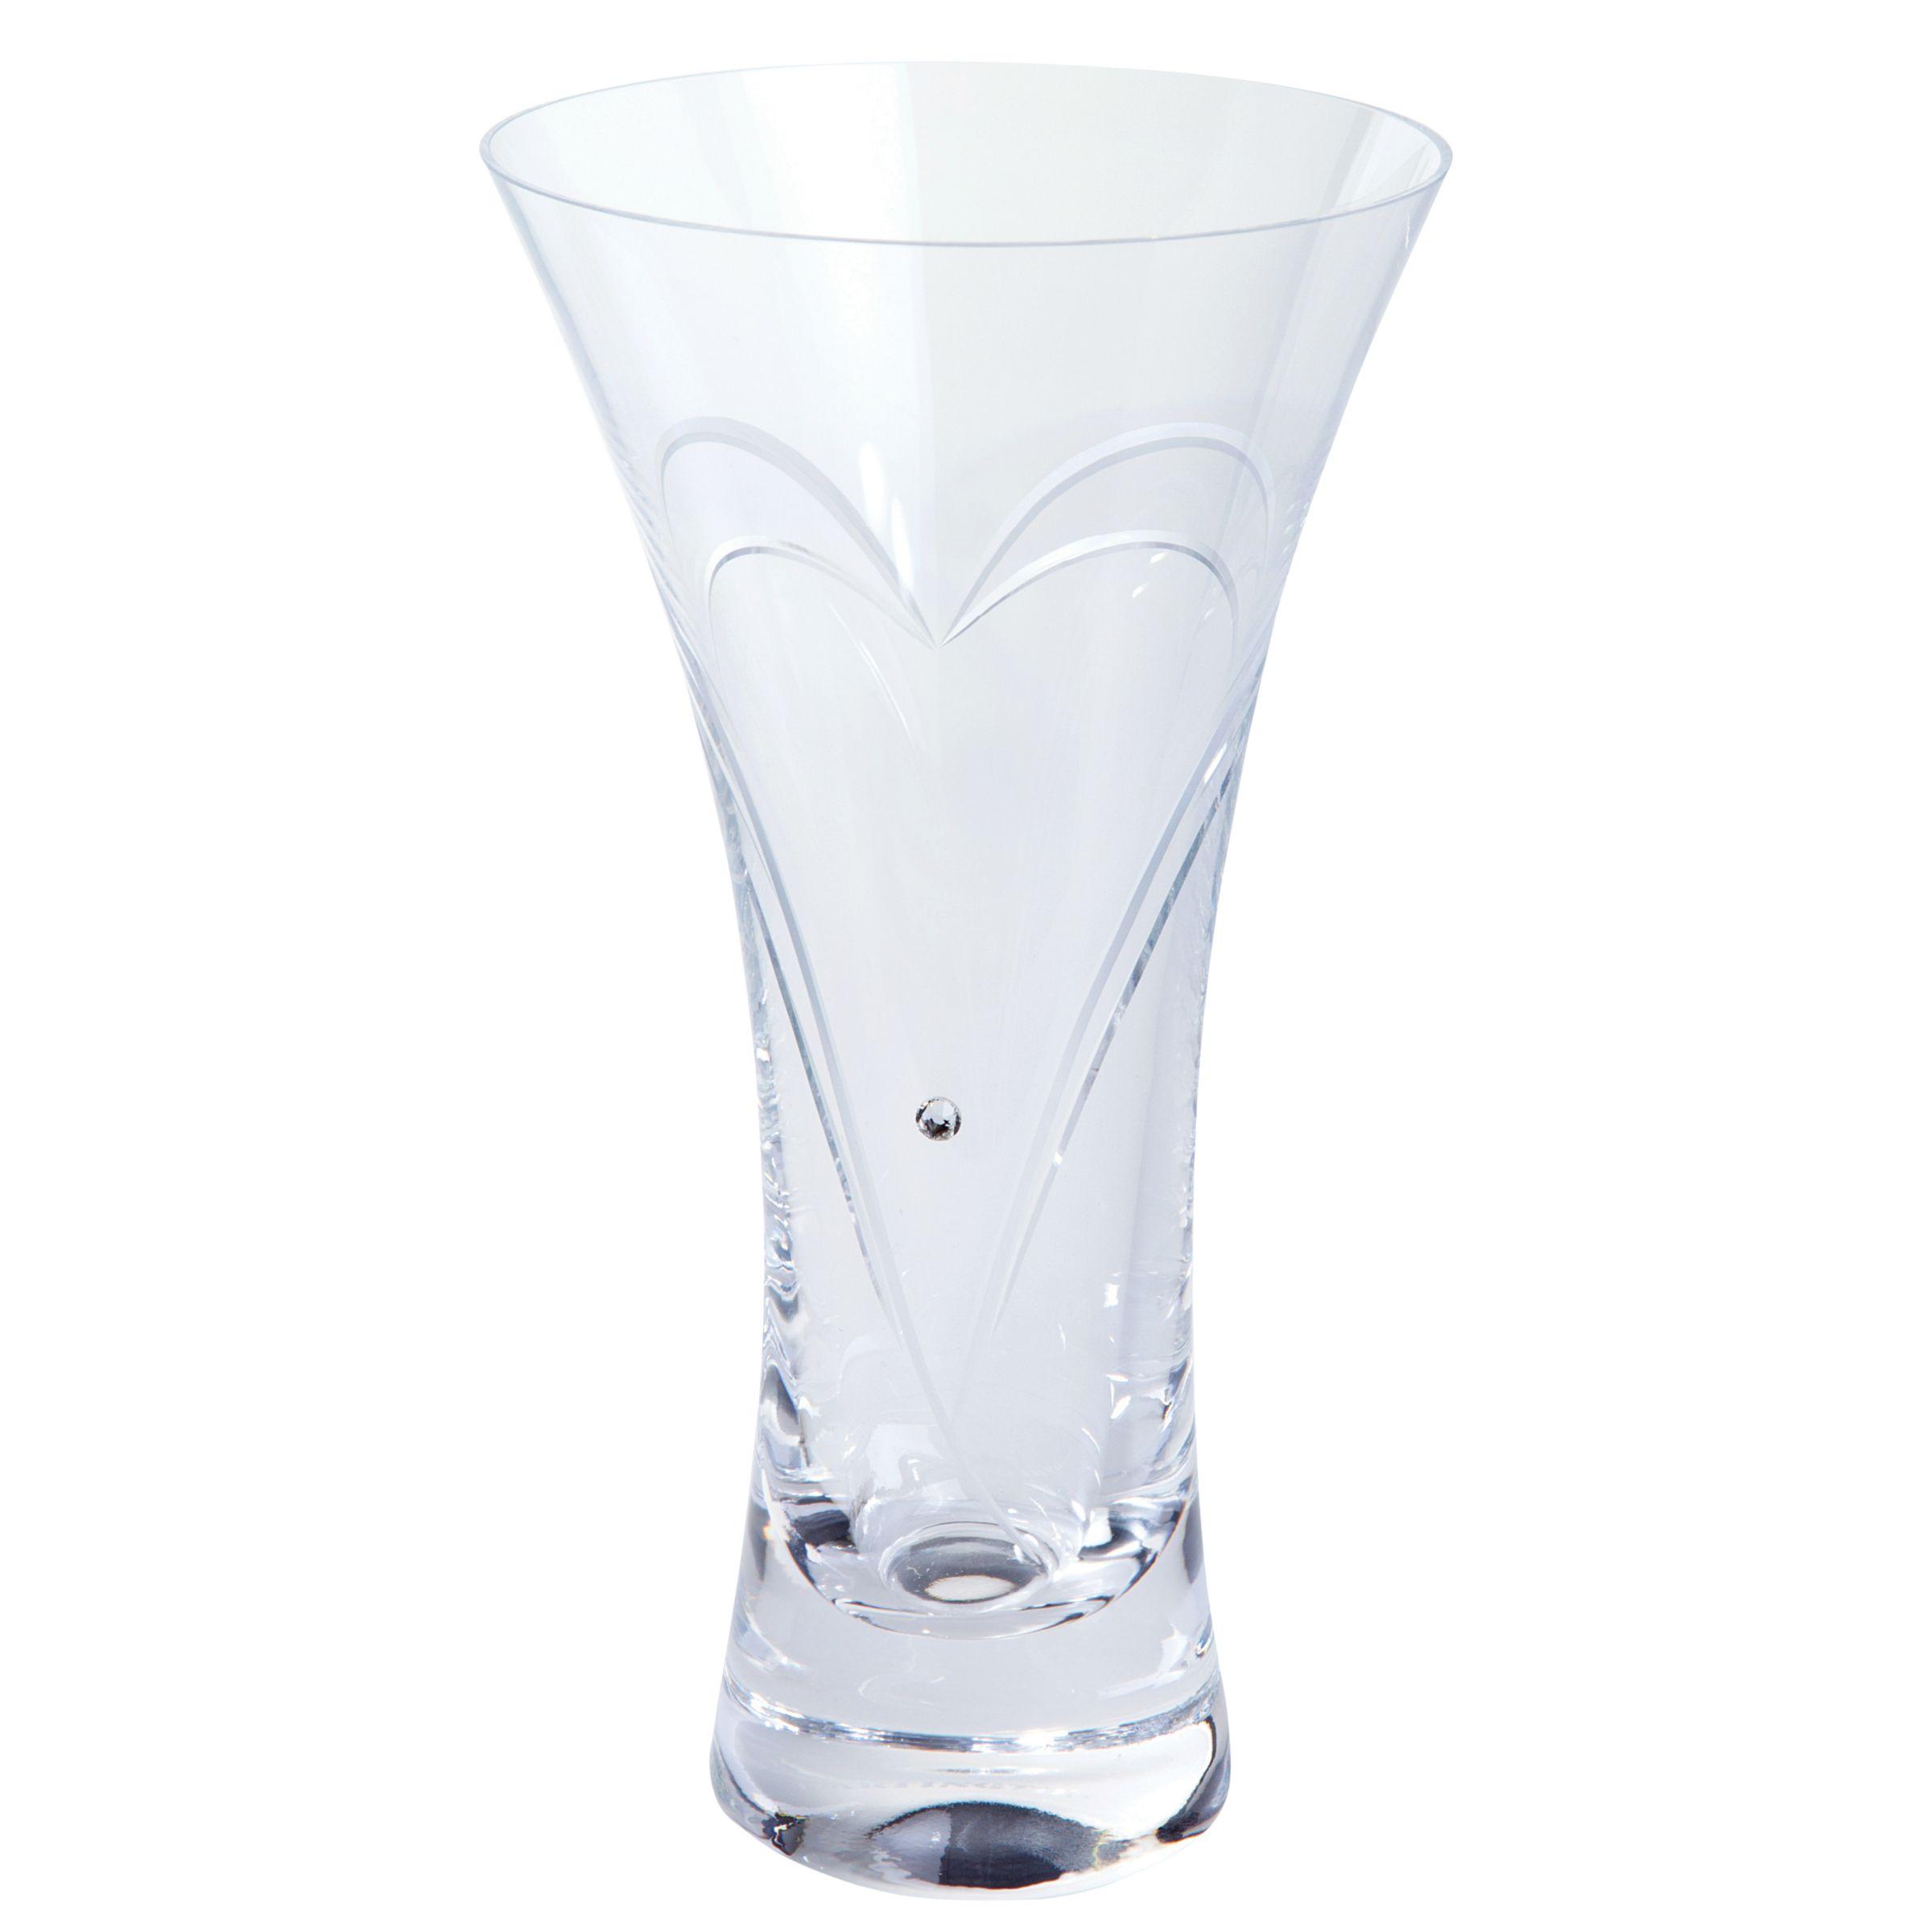 Dartington Crystal Dartington Crystal Romance Vase, Small, Clear